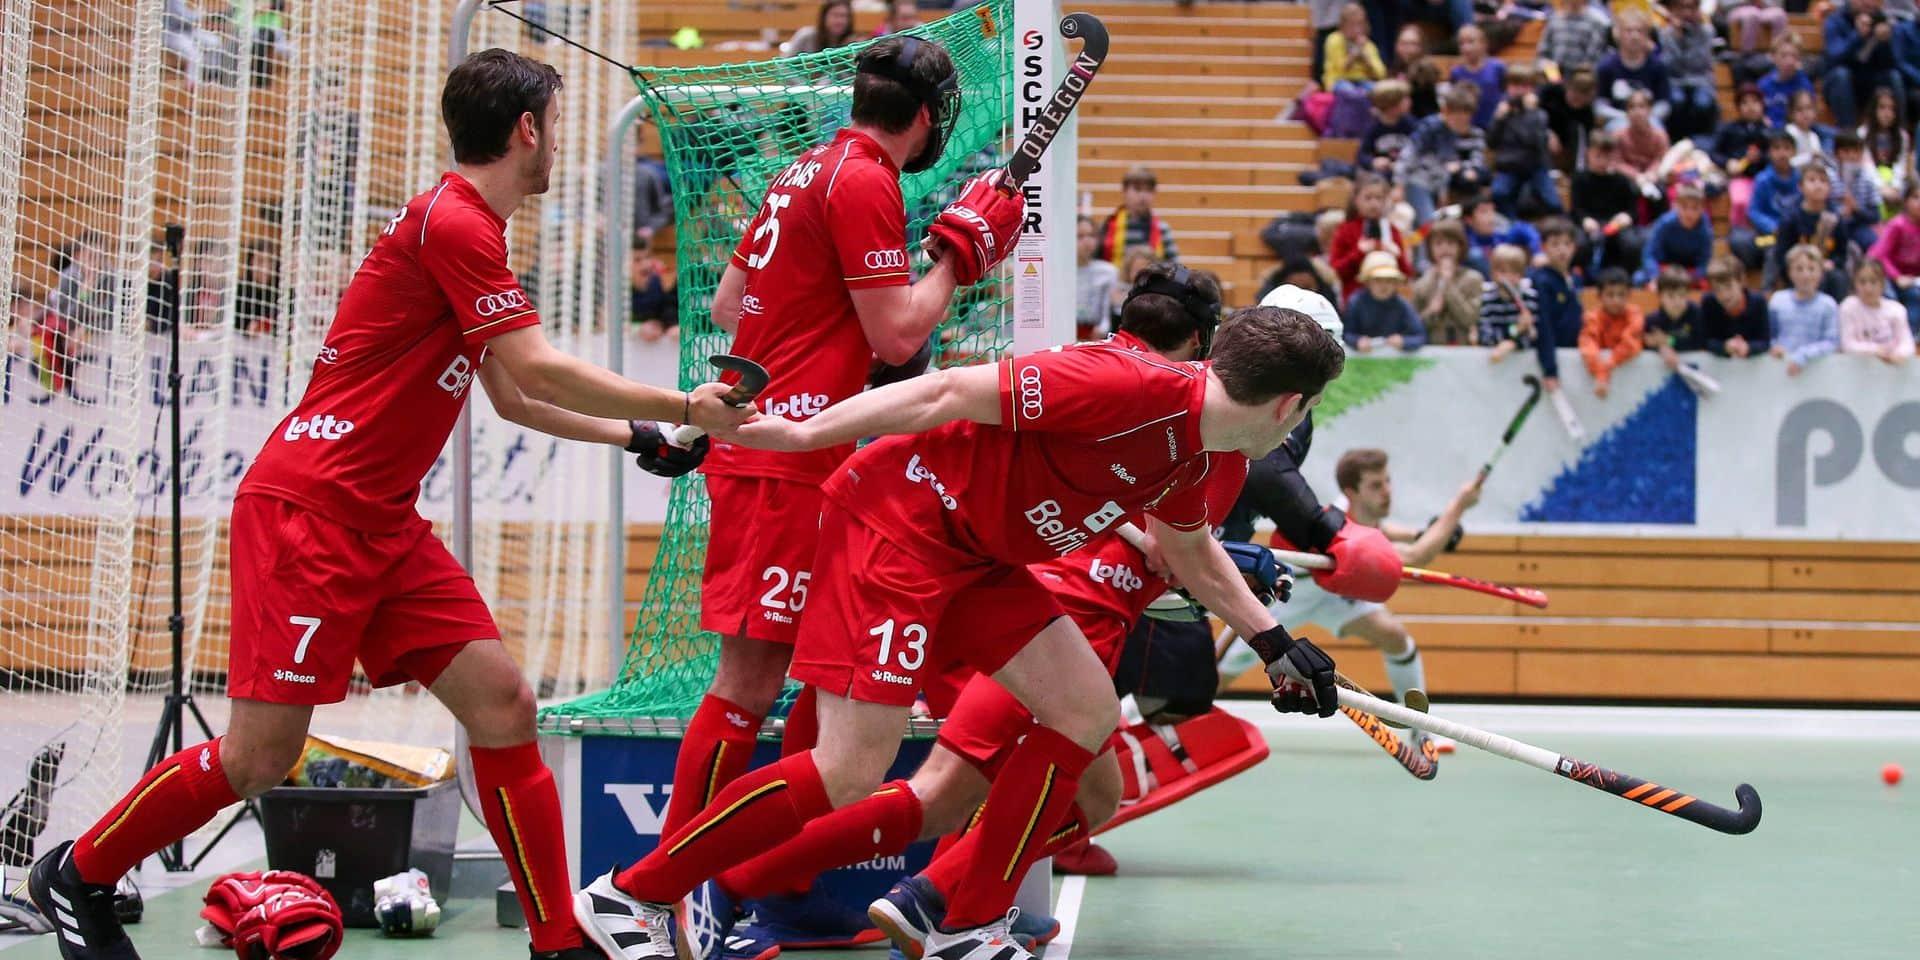 La Belgique assure son maintien et peut encore se qualifier pour la coupe du monde Indoor 2021